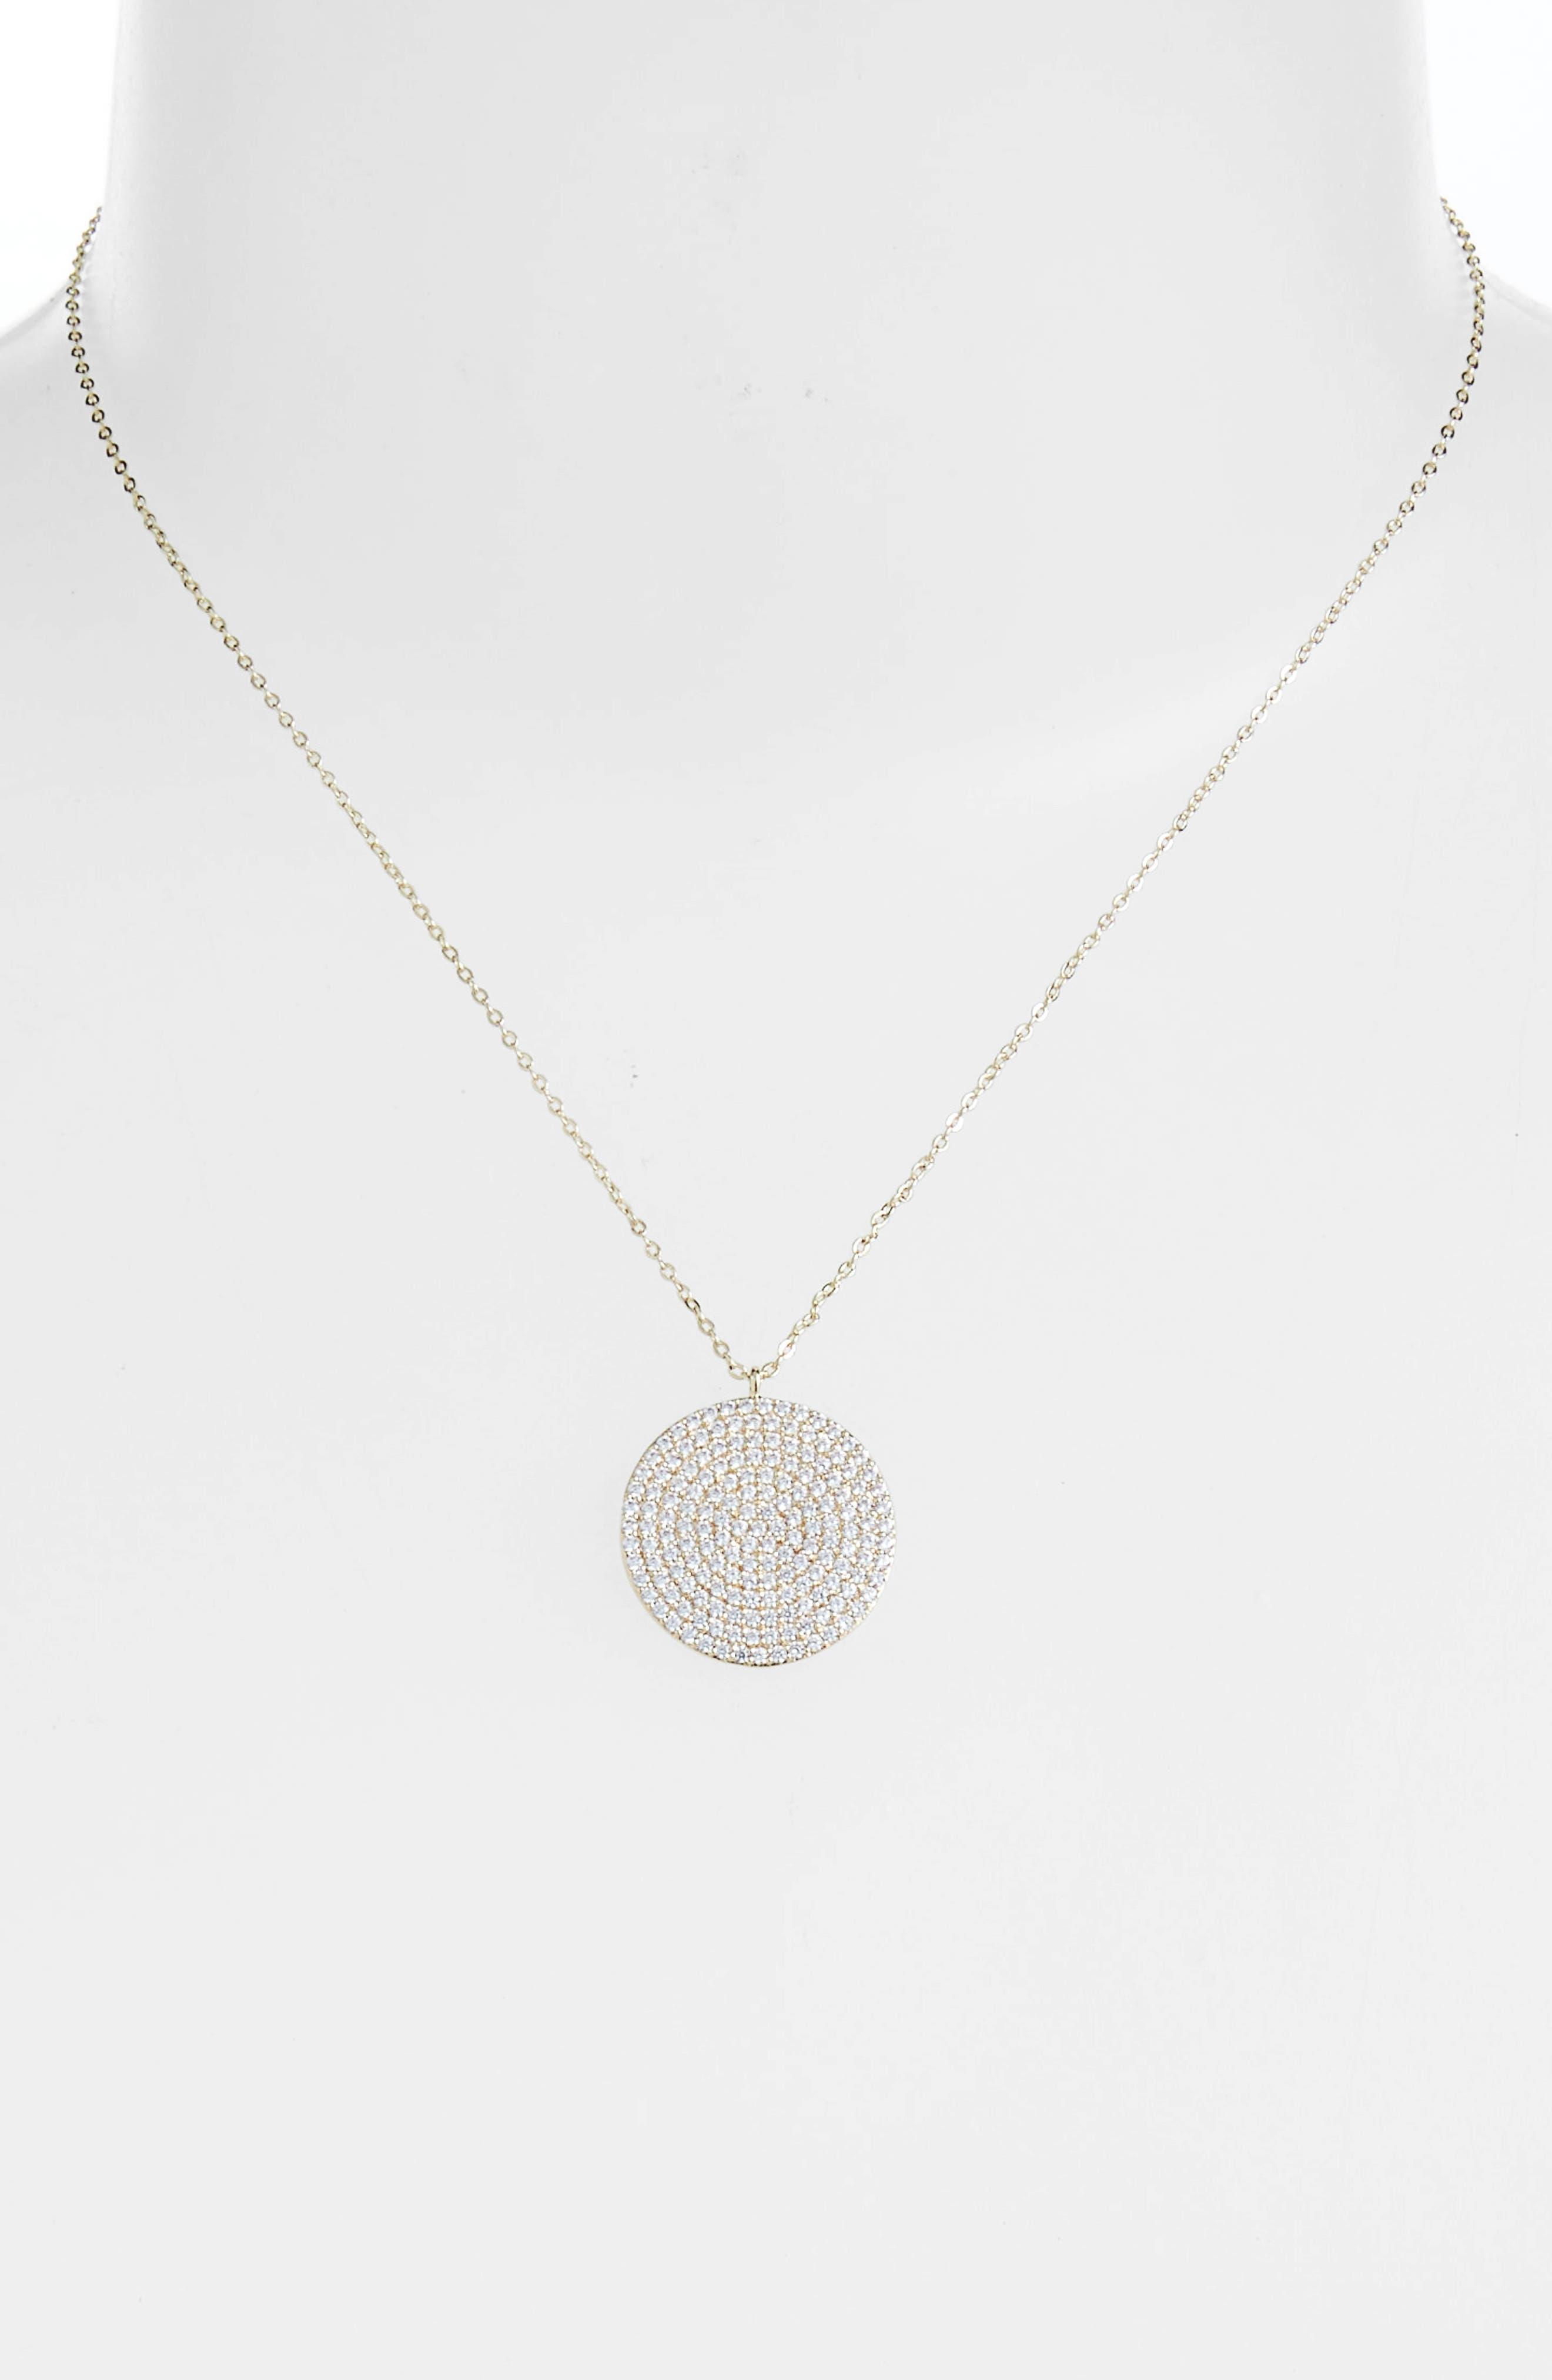 Pavé Spheres Medium Disc Pendant Necklace,                             Alternate thumbnail 2, color,                             CLEAR/ GOLD